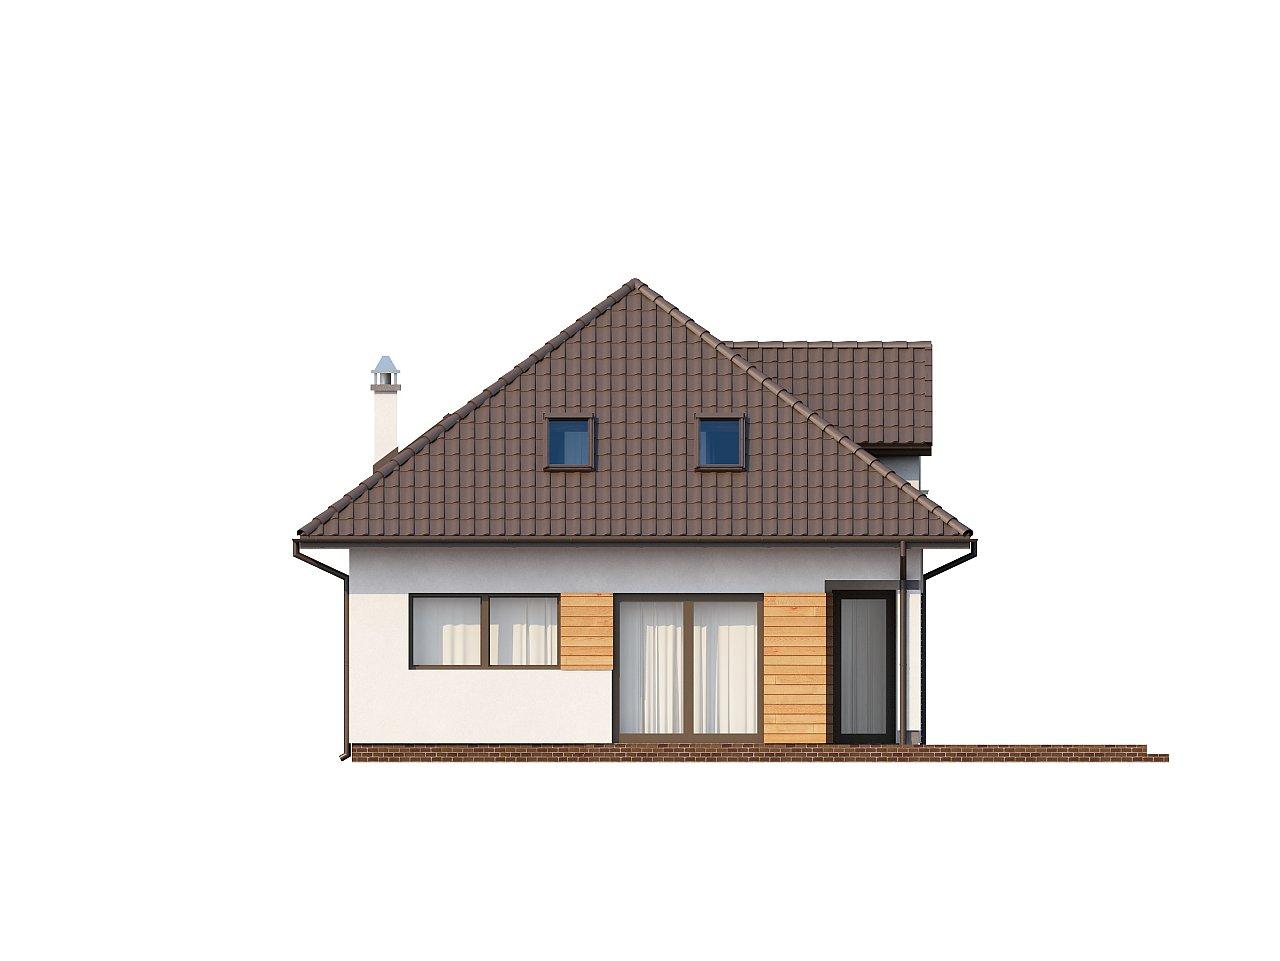 Проект практичного и уютного традиционного дома. 4